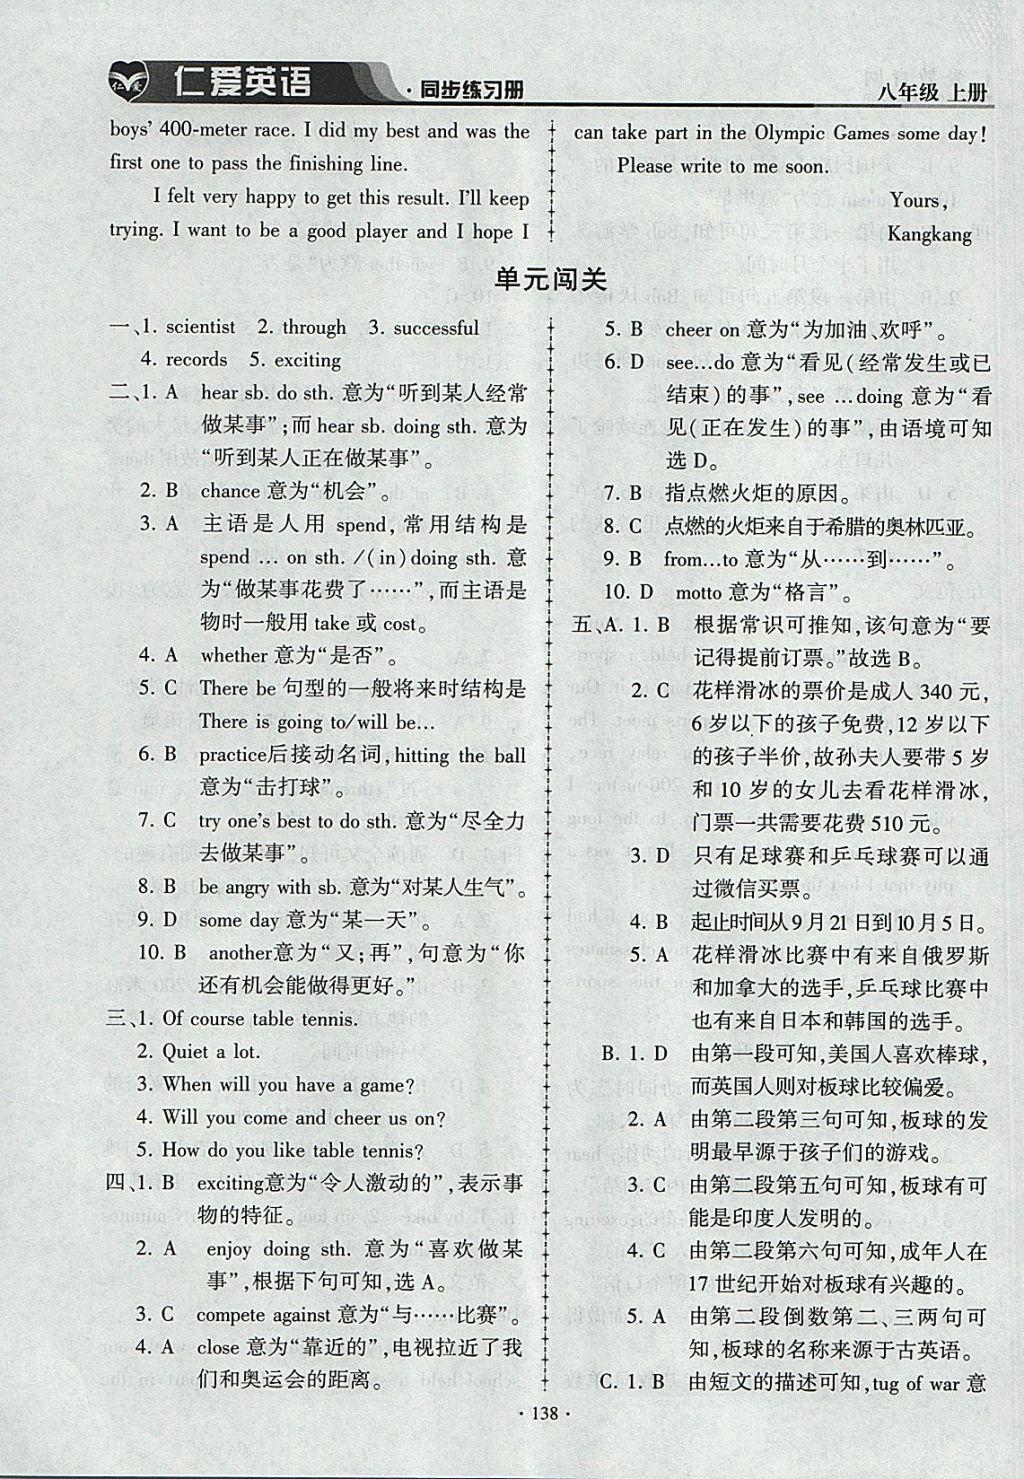 2017年仁爱英语同步练习册八年级上册仁爱版参考答案第8页